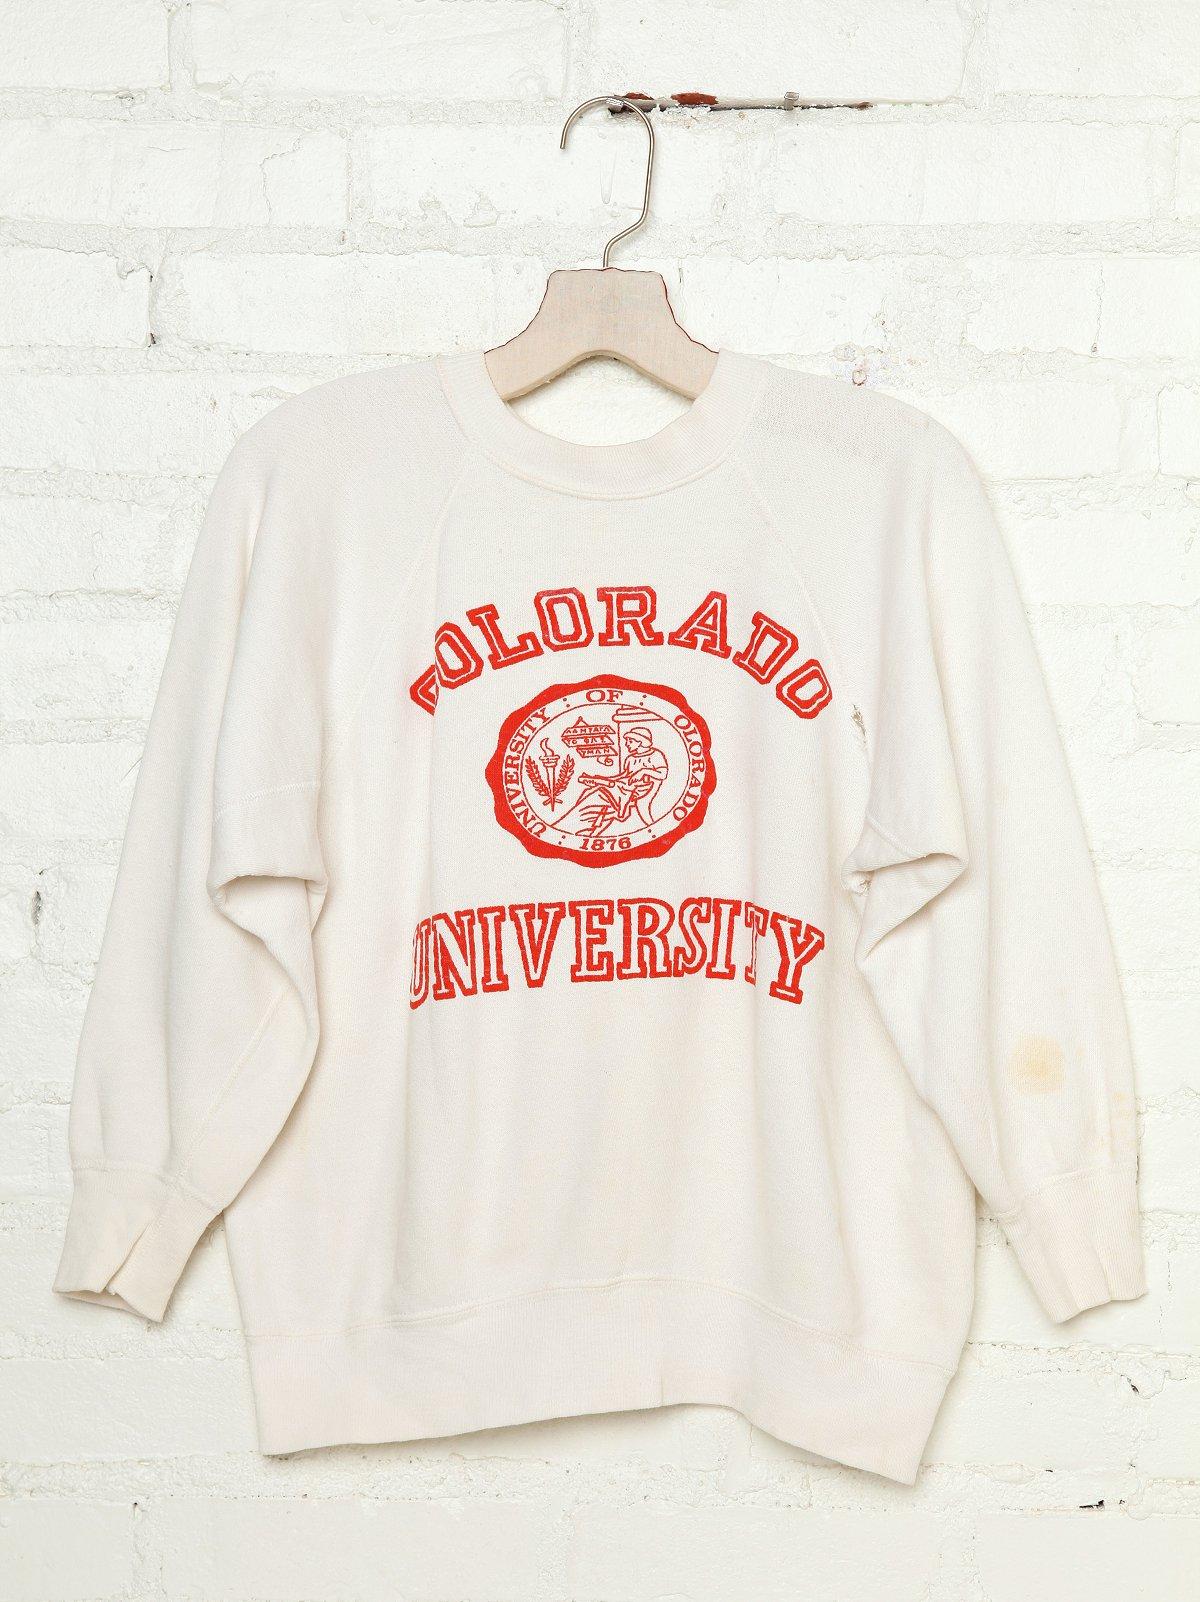 Vintage 1960s Colorado University Sweatshirt